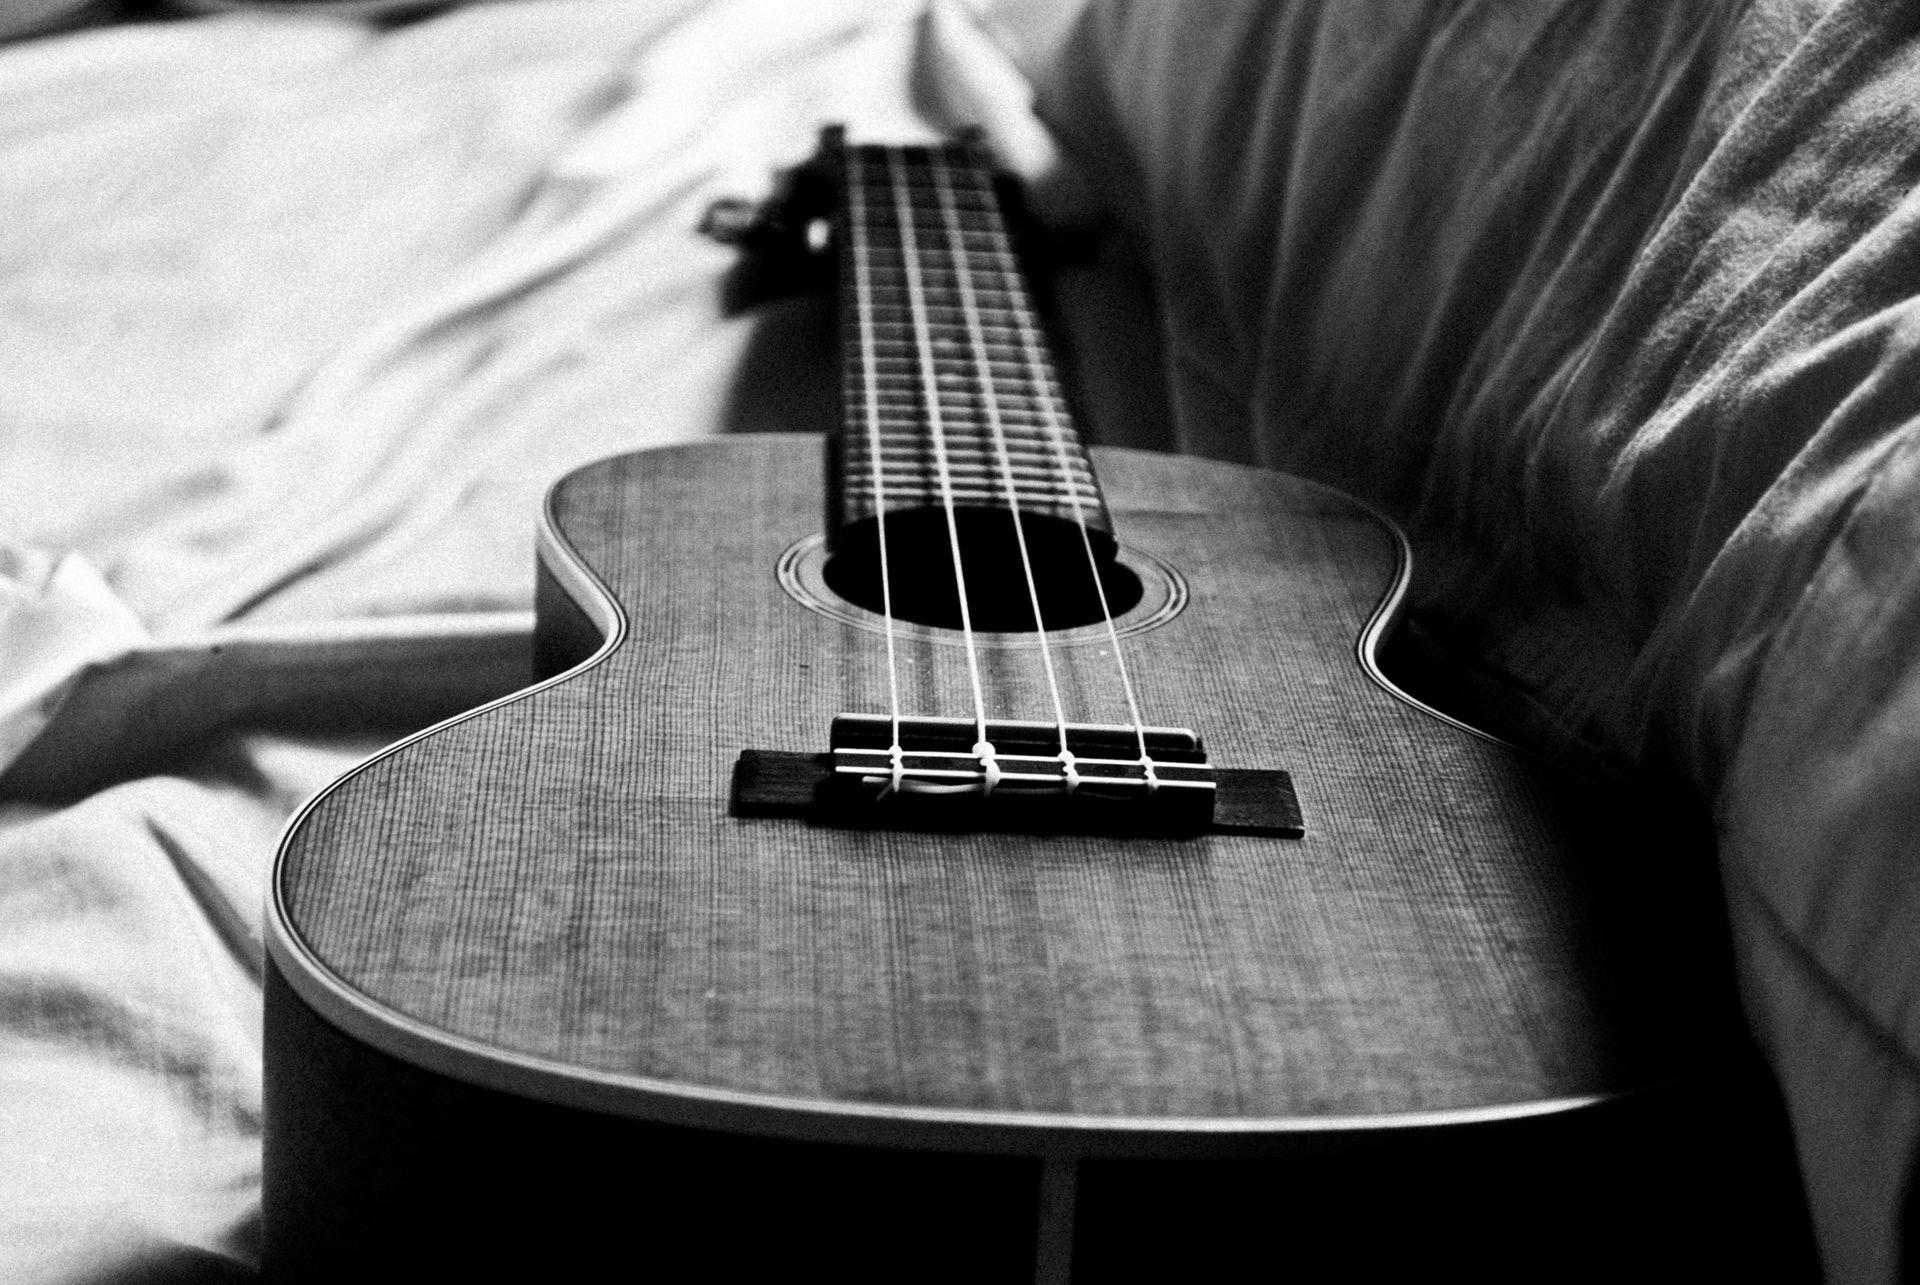 Ukulele Black And White Wallpaper Desktop Ukulele Ukulele Music